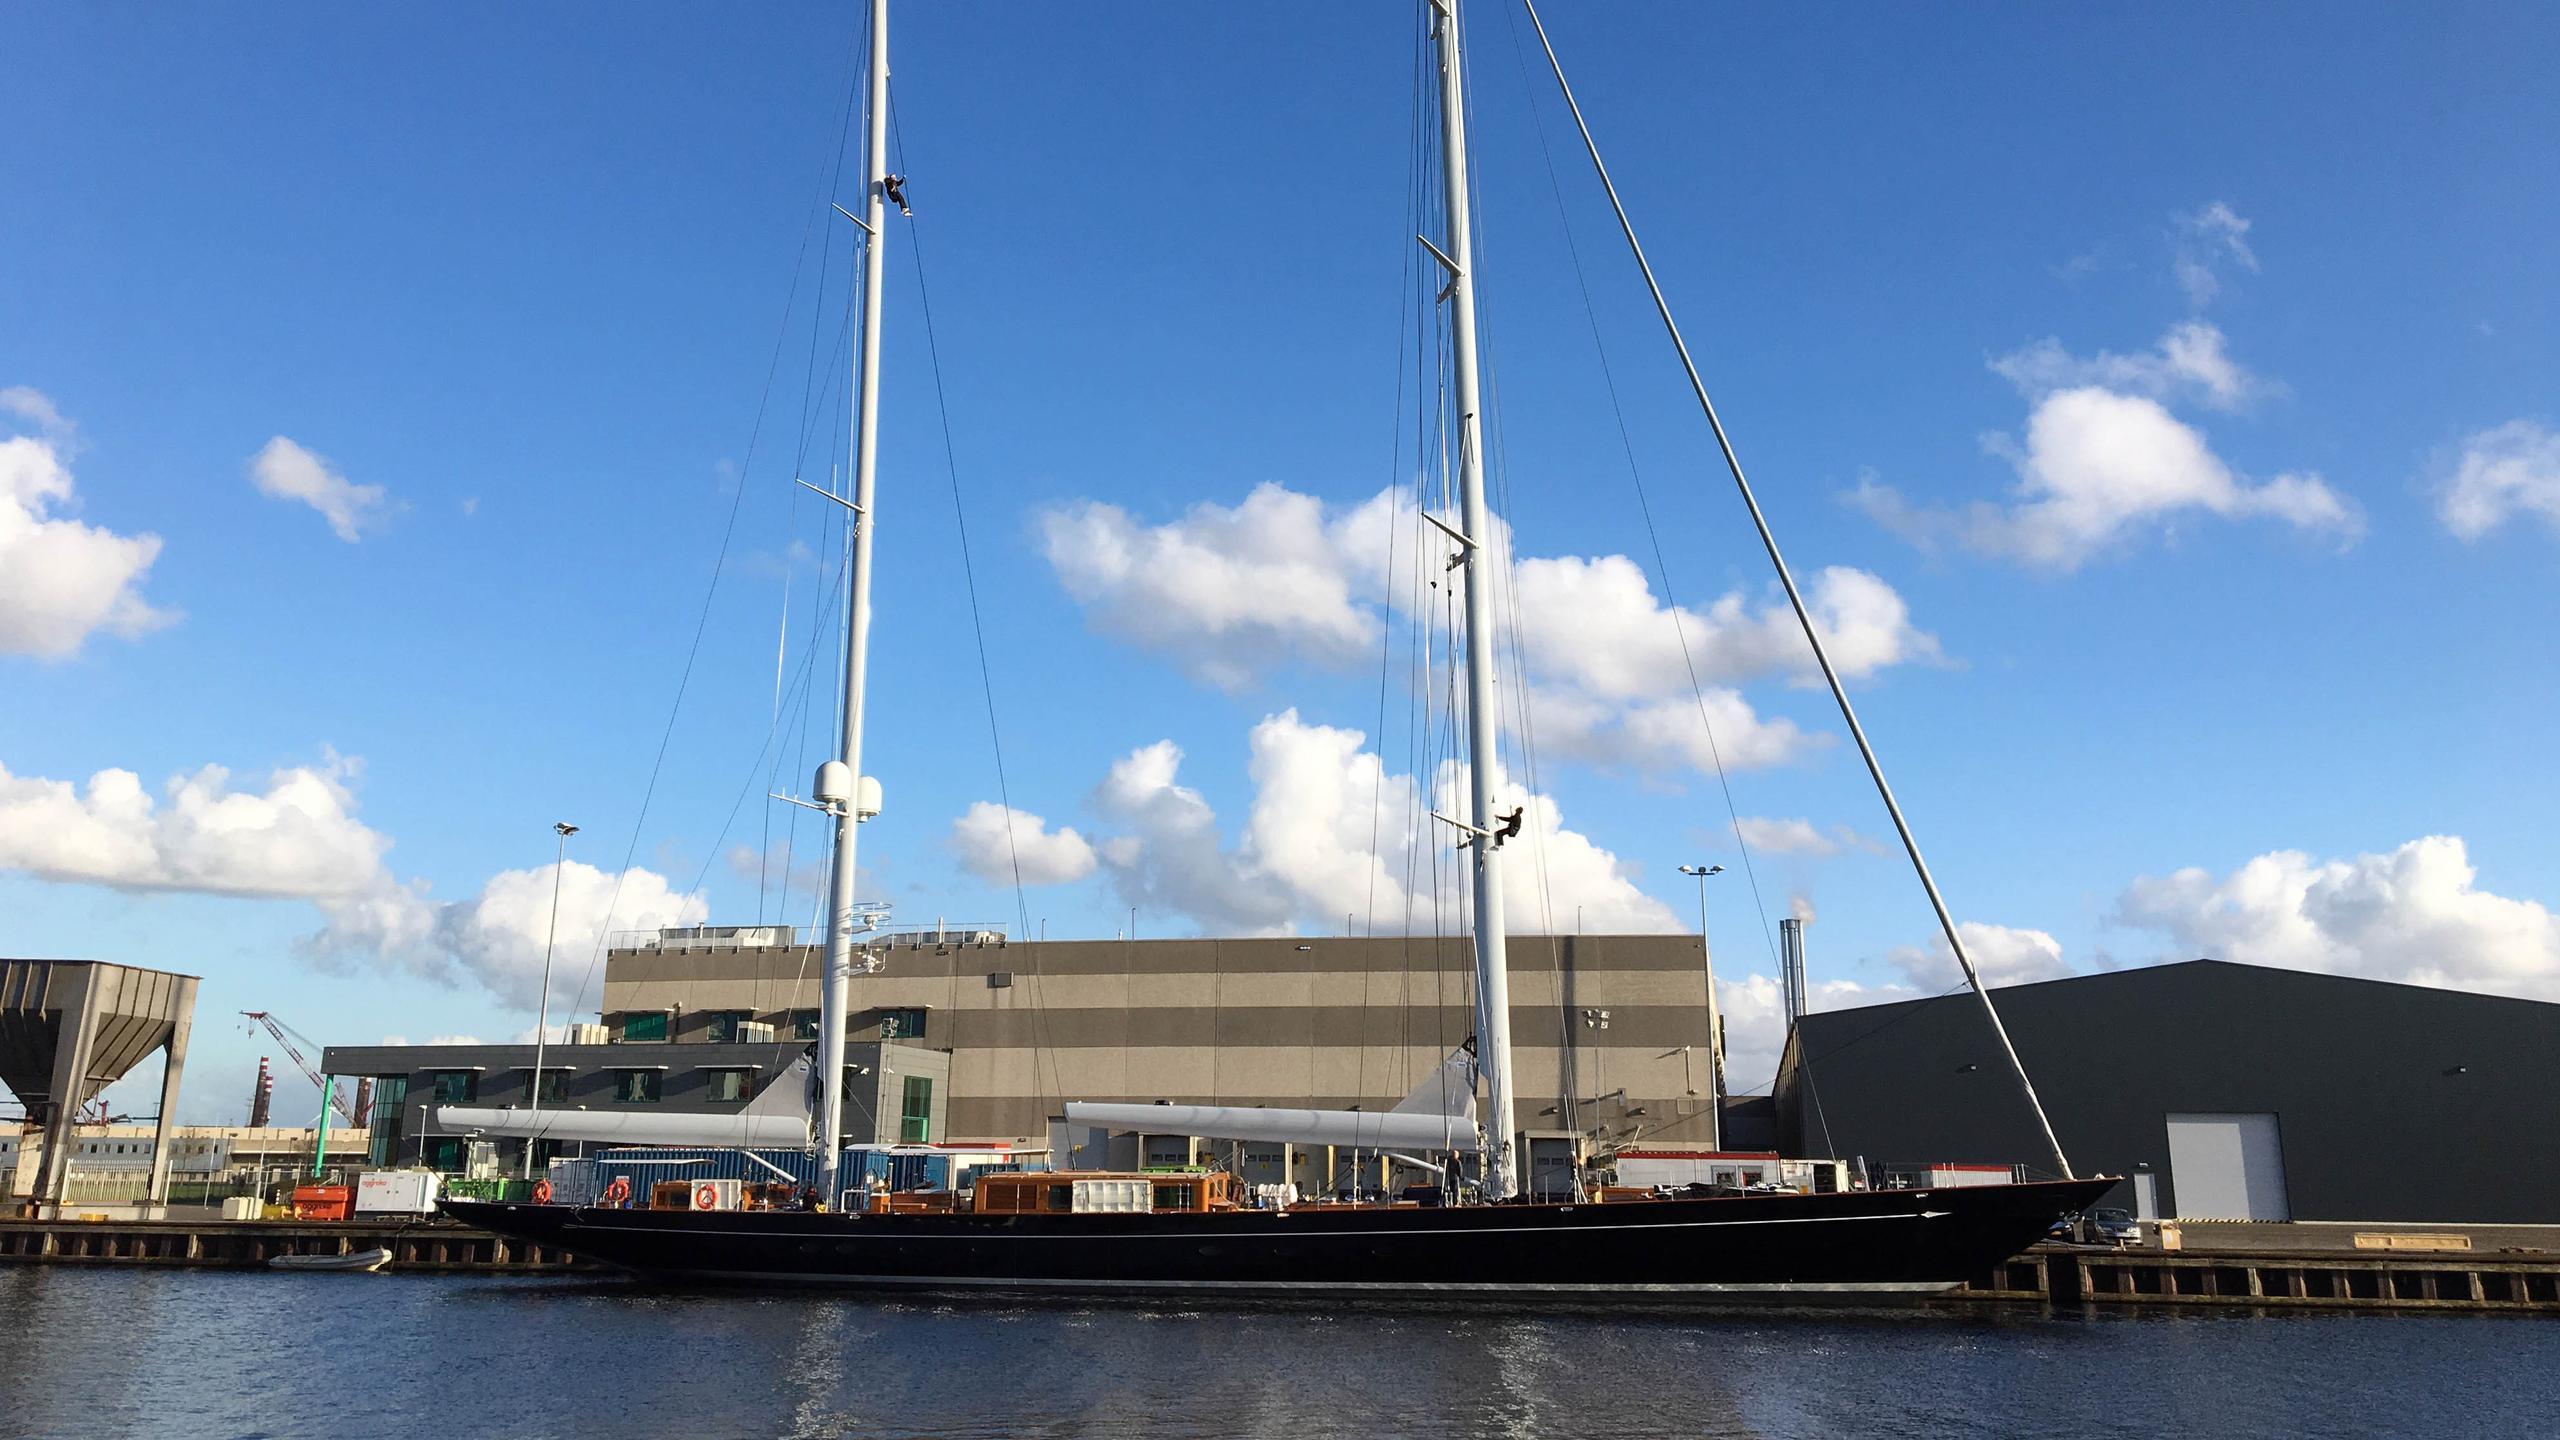 aquarius sailing yacht royal huisman 56m 2018 profile with masts